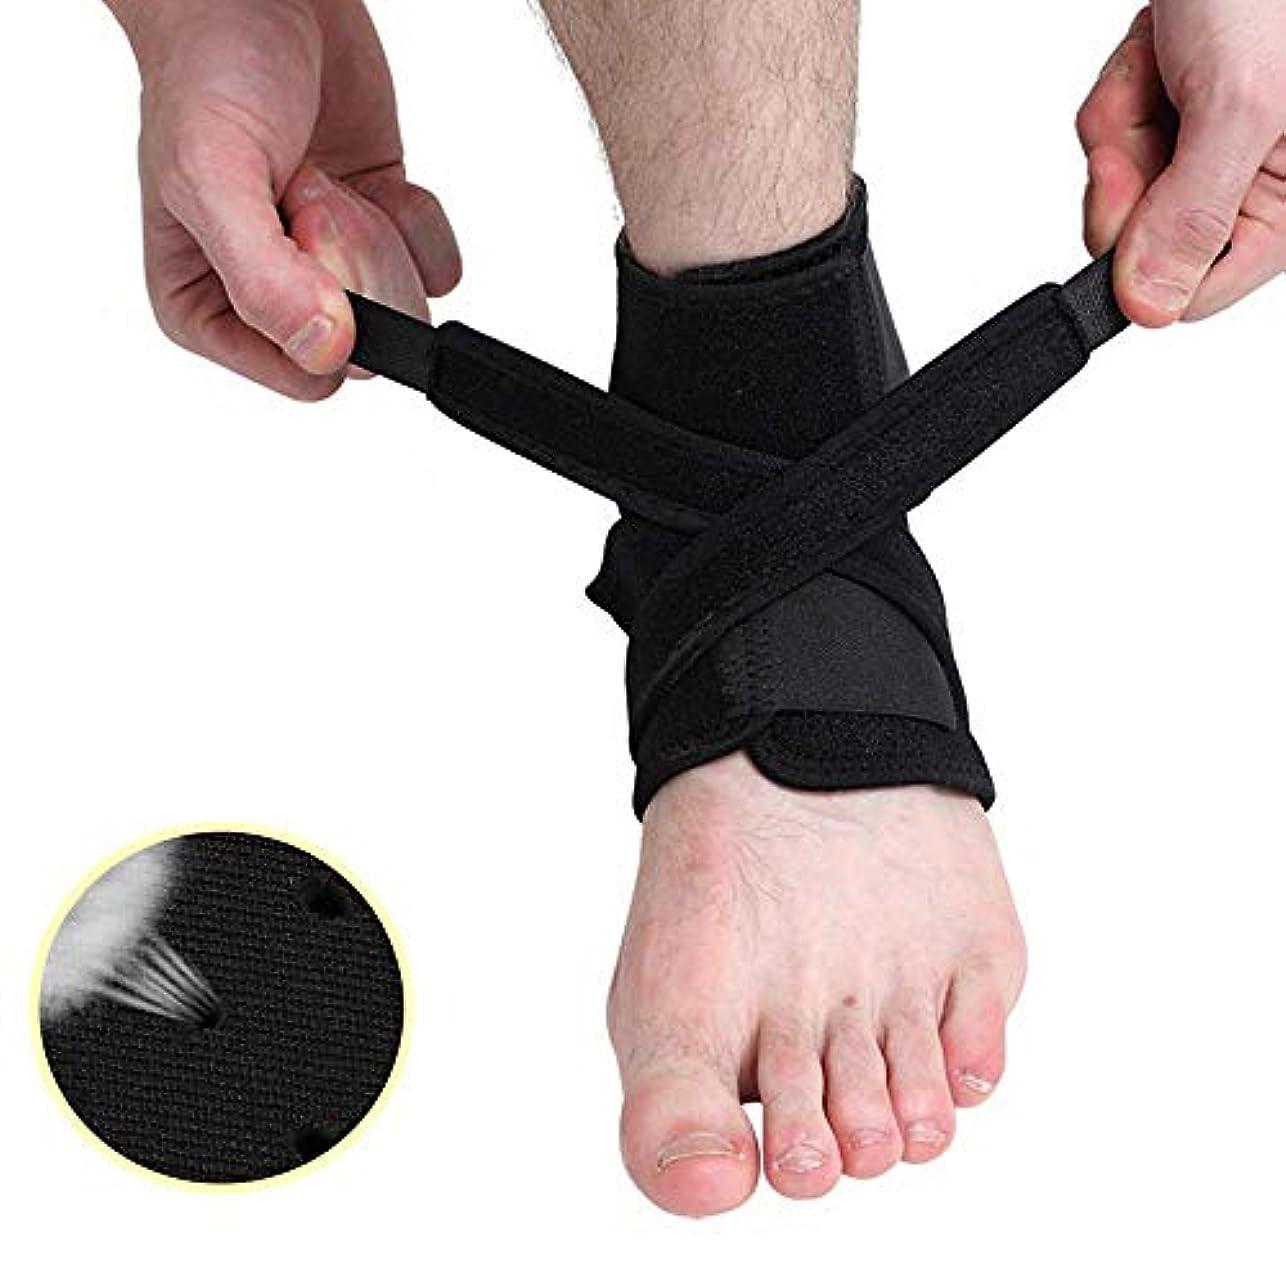 健全混合南東足首関節サポート - 男性と女性用の足首関節包帯、通気性足首関節ケア、ウォーキング、ランニング、関節炎捻挫保護に適しています